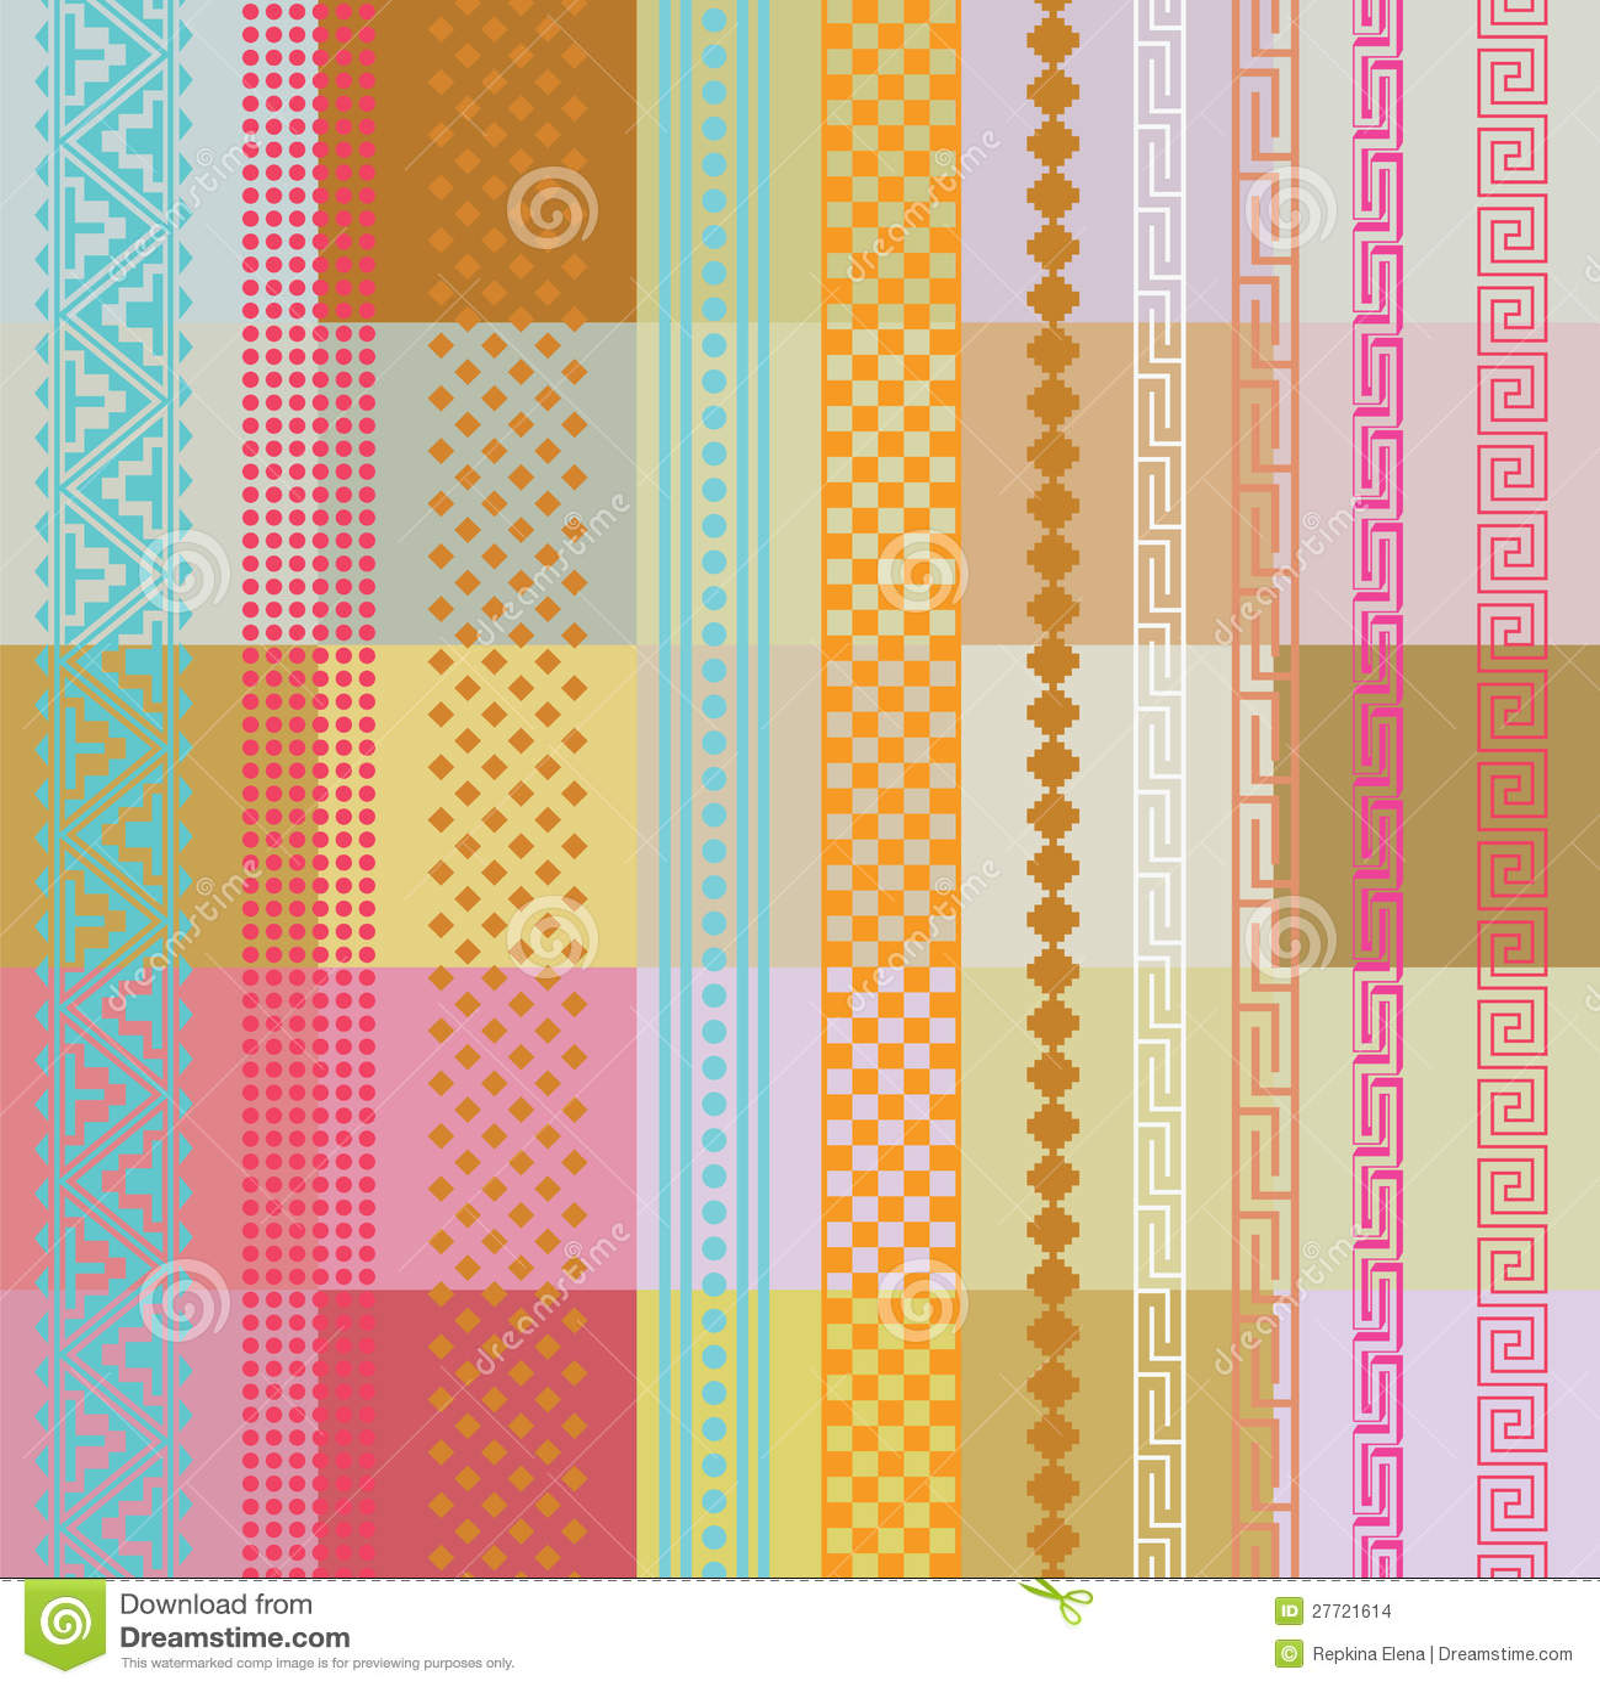 Papel de parede decorativo imagens de stock imagem 27721614 for Papel autoadhesivo decorativo